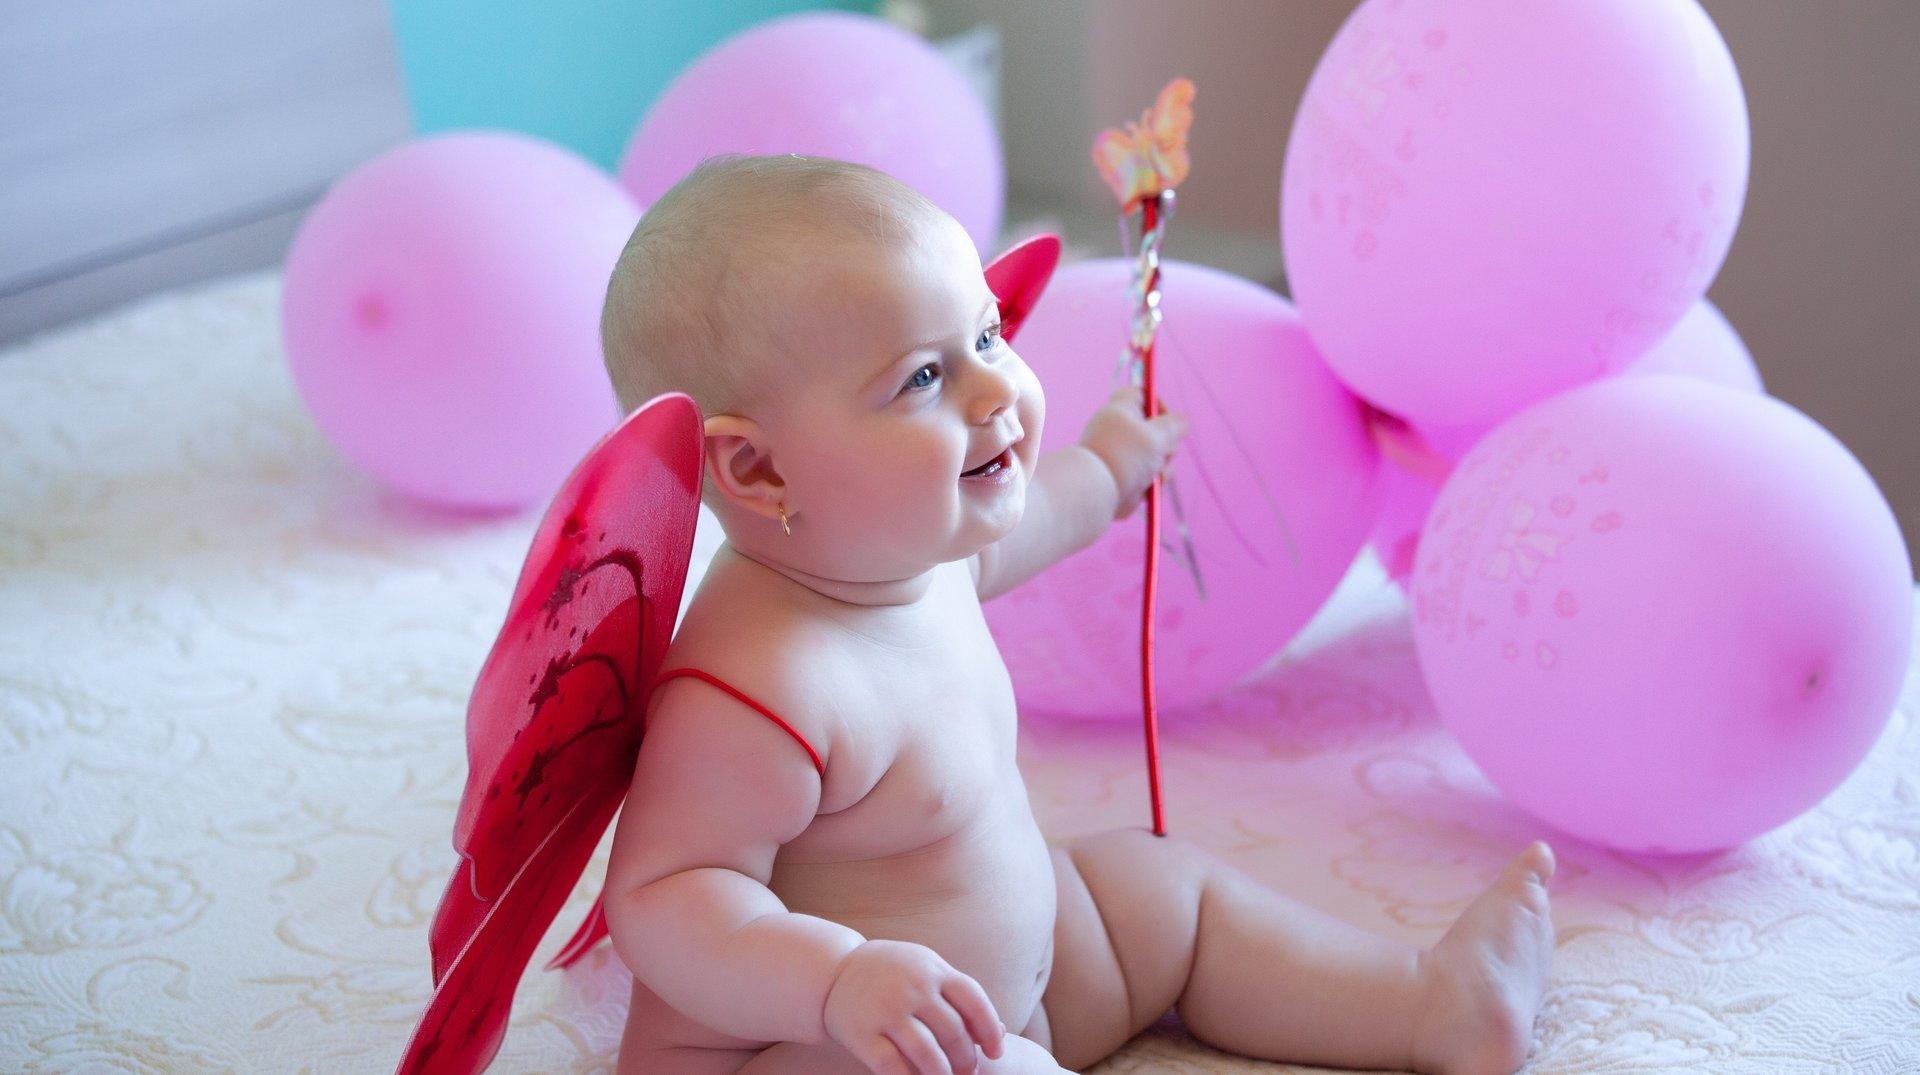 bambino con ali rosse e palloncini rosa su un letto